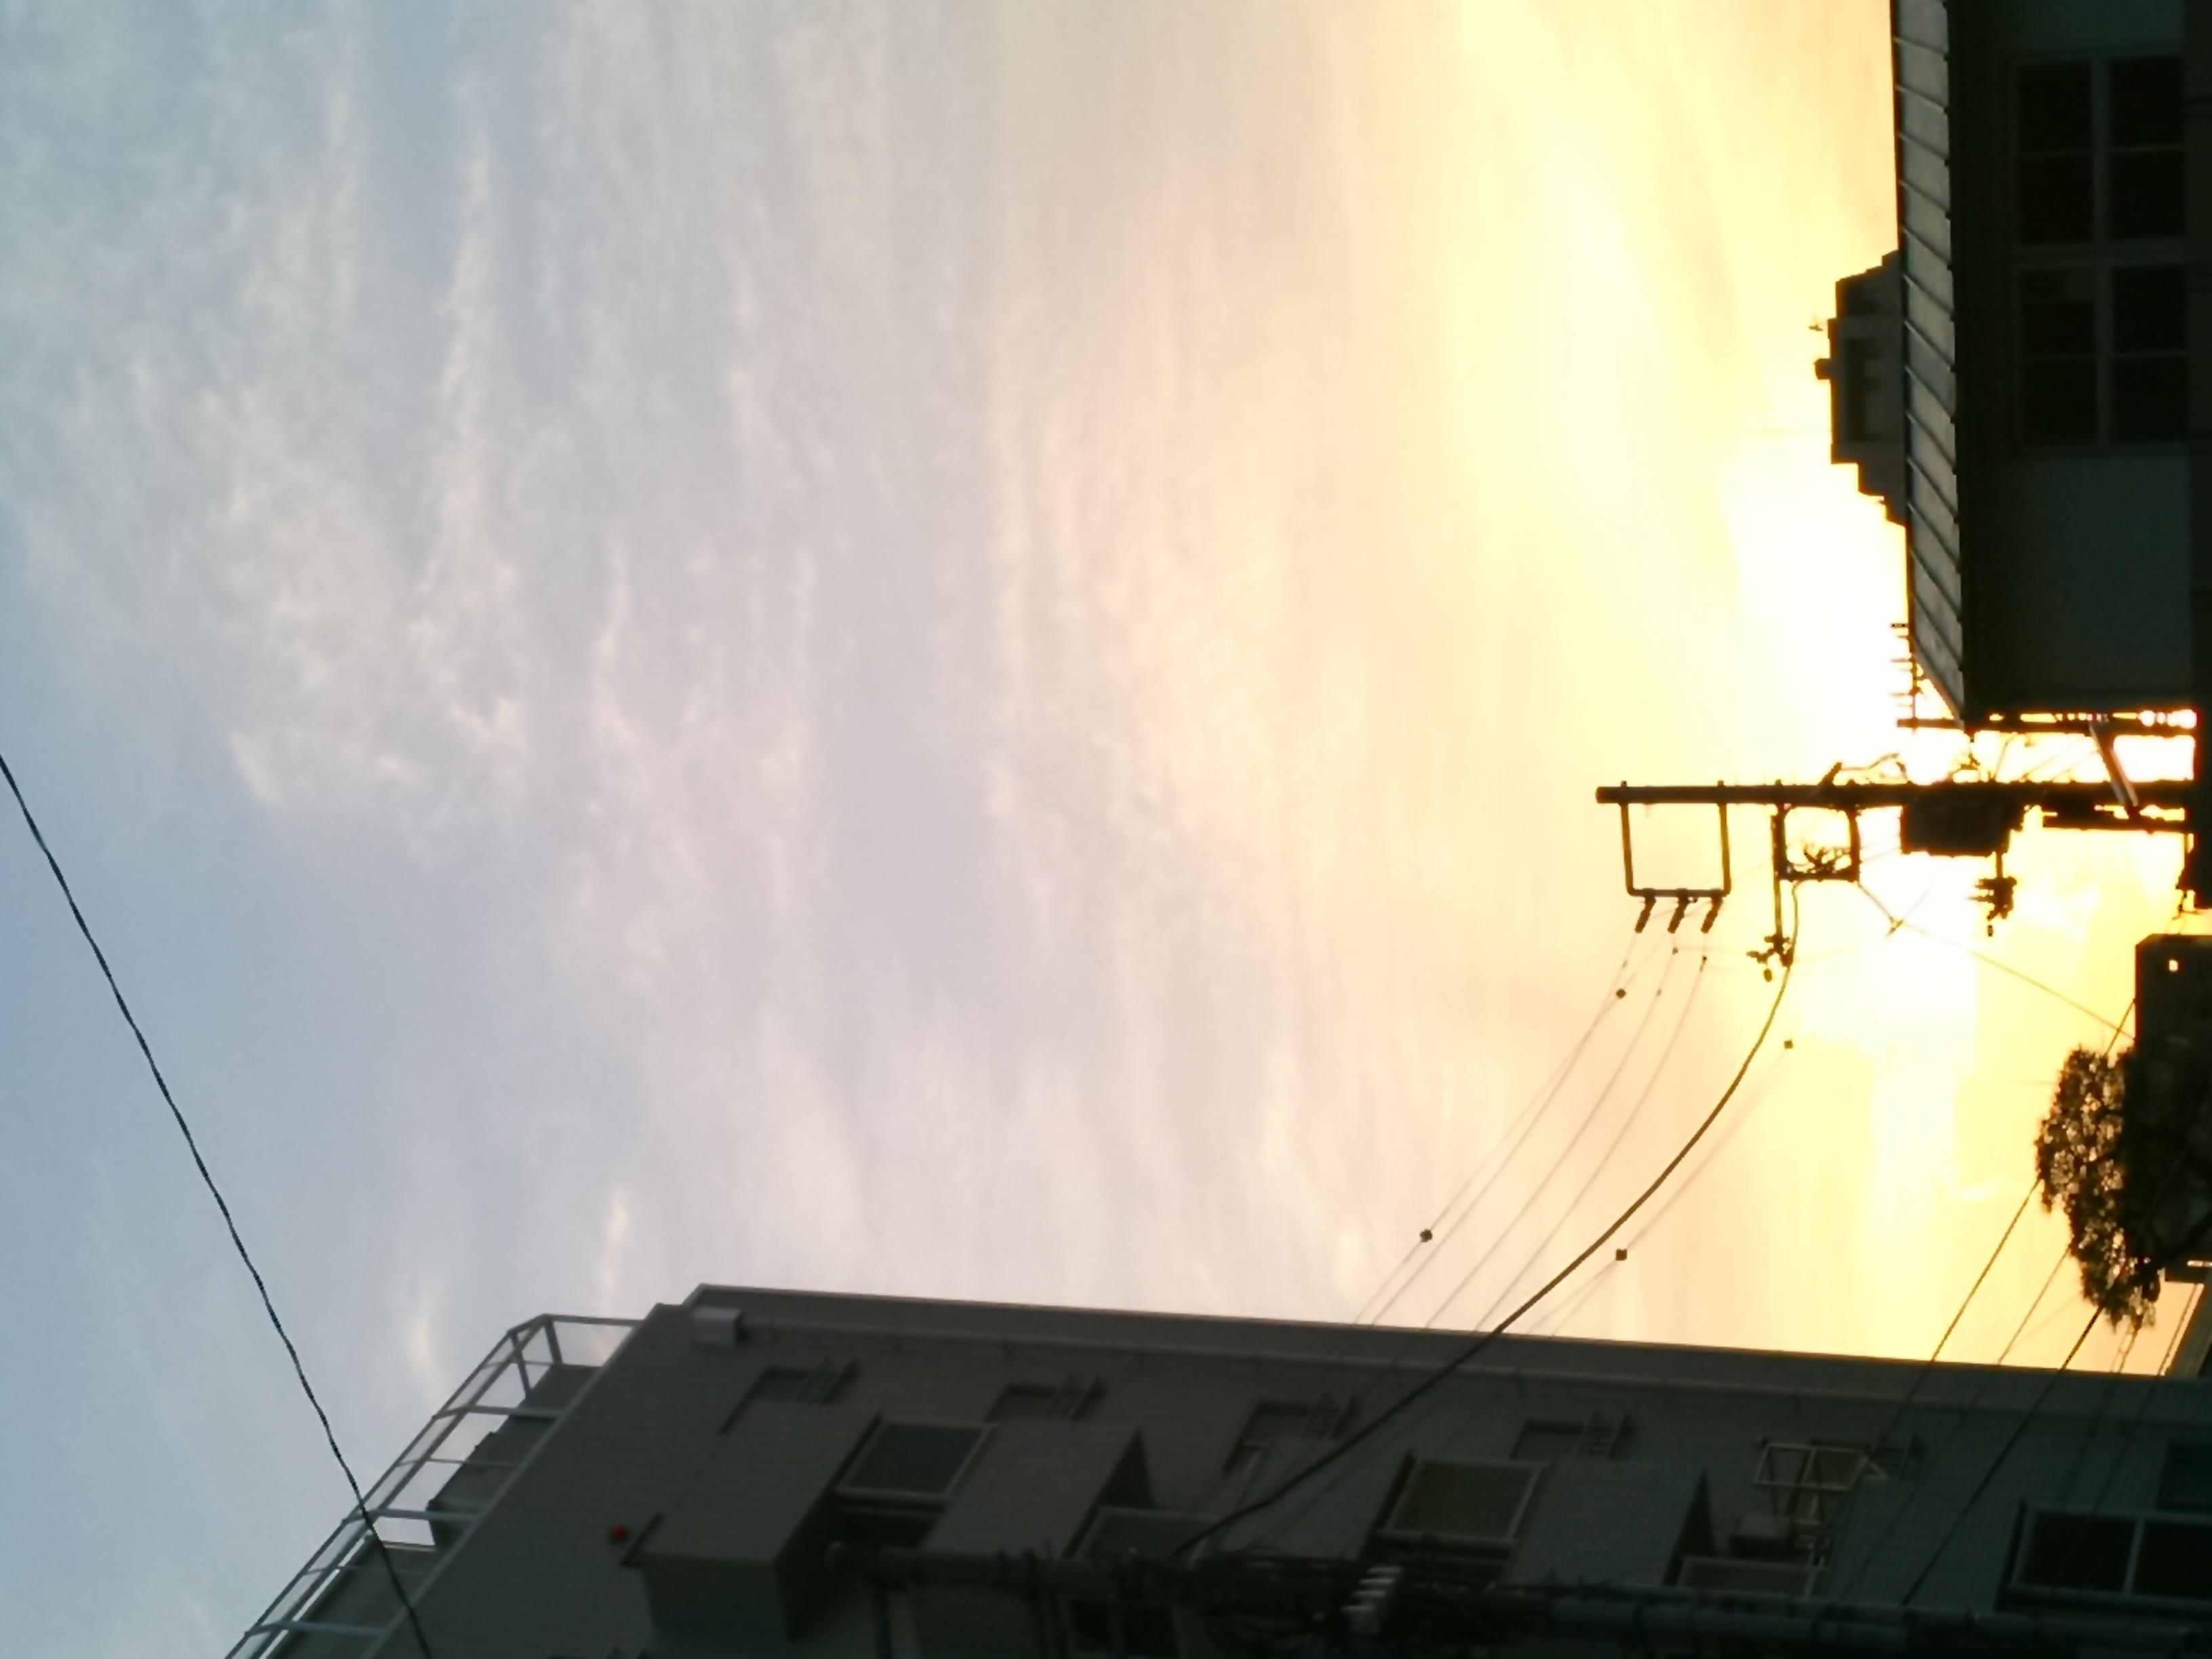 昨日の夕方、空を見上げたら・・・地震雲? | i035@OKUTA |リフォーム ...